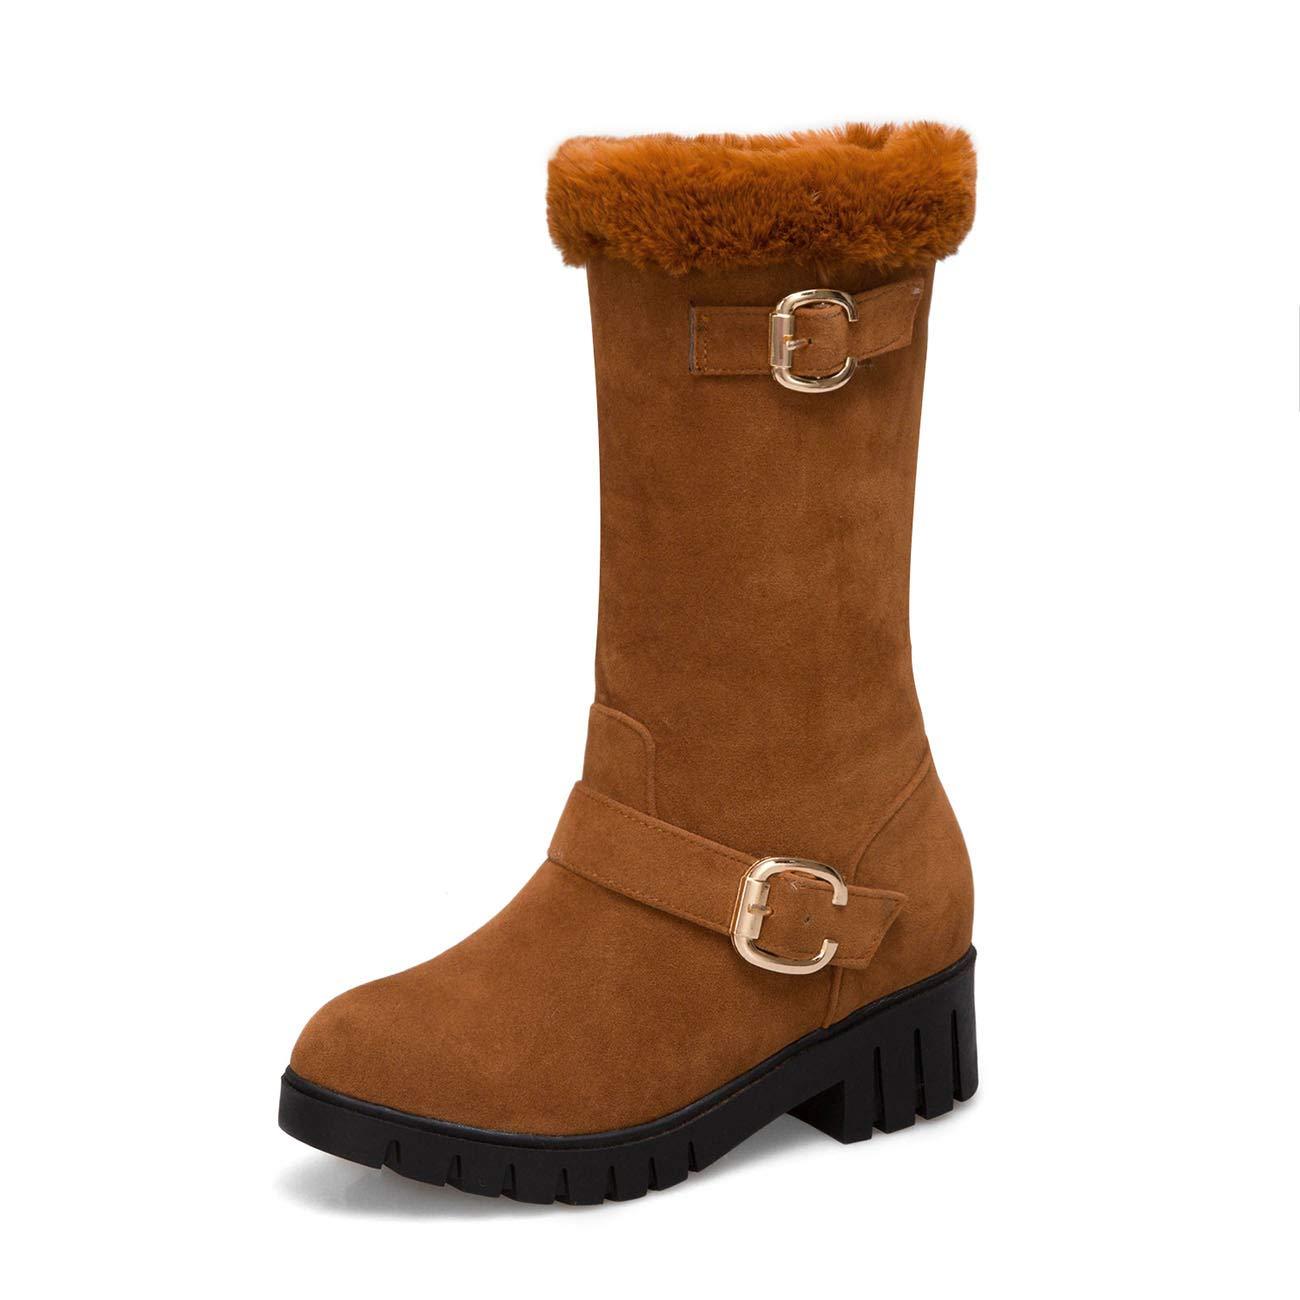 Hy Damen Stiefel Mühle Sand Winter Warm Große Größe Schneeschuhe Stiefel/Damen Komfort Winter Stiefel/Stiefelies Gelb/Schwarz / Dunkelbraun Größe: 32-43 (Farbe : C, Größe : 43)